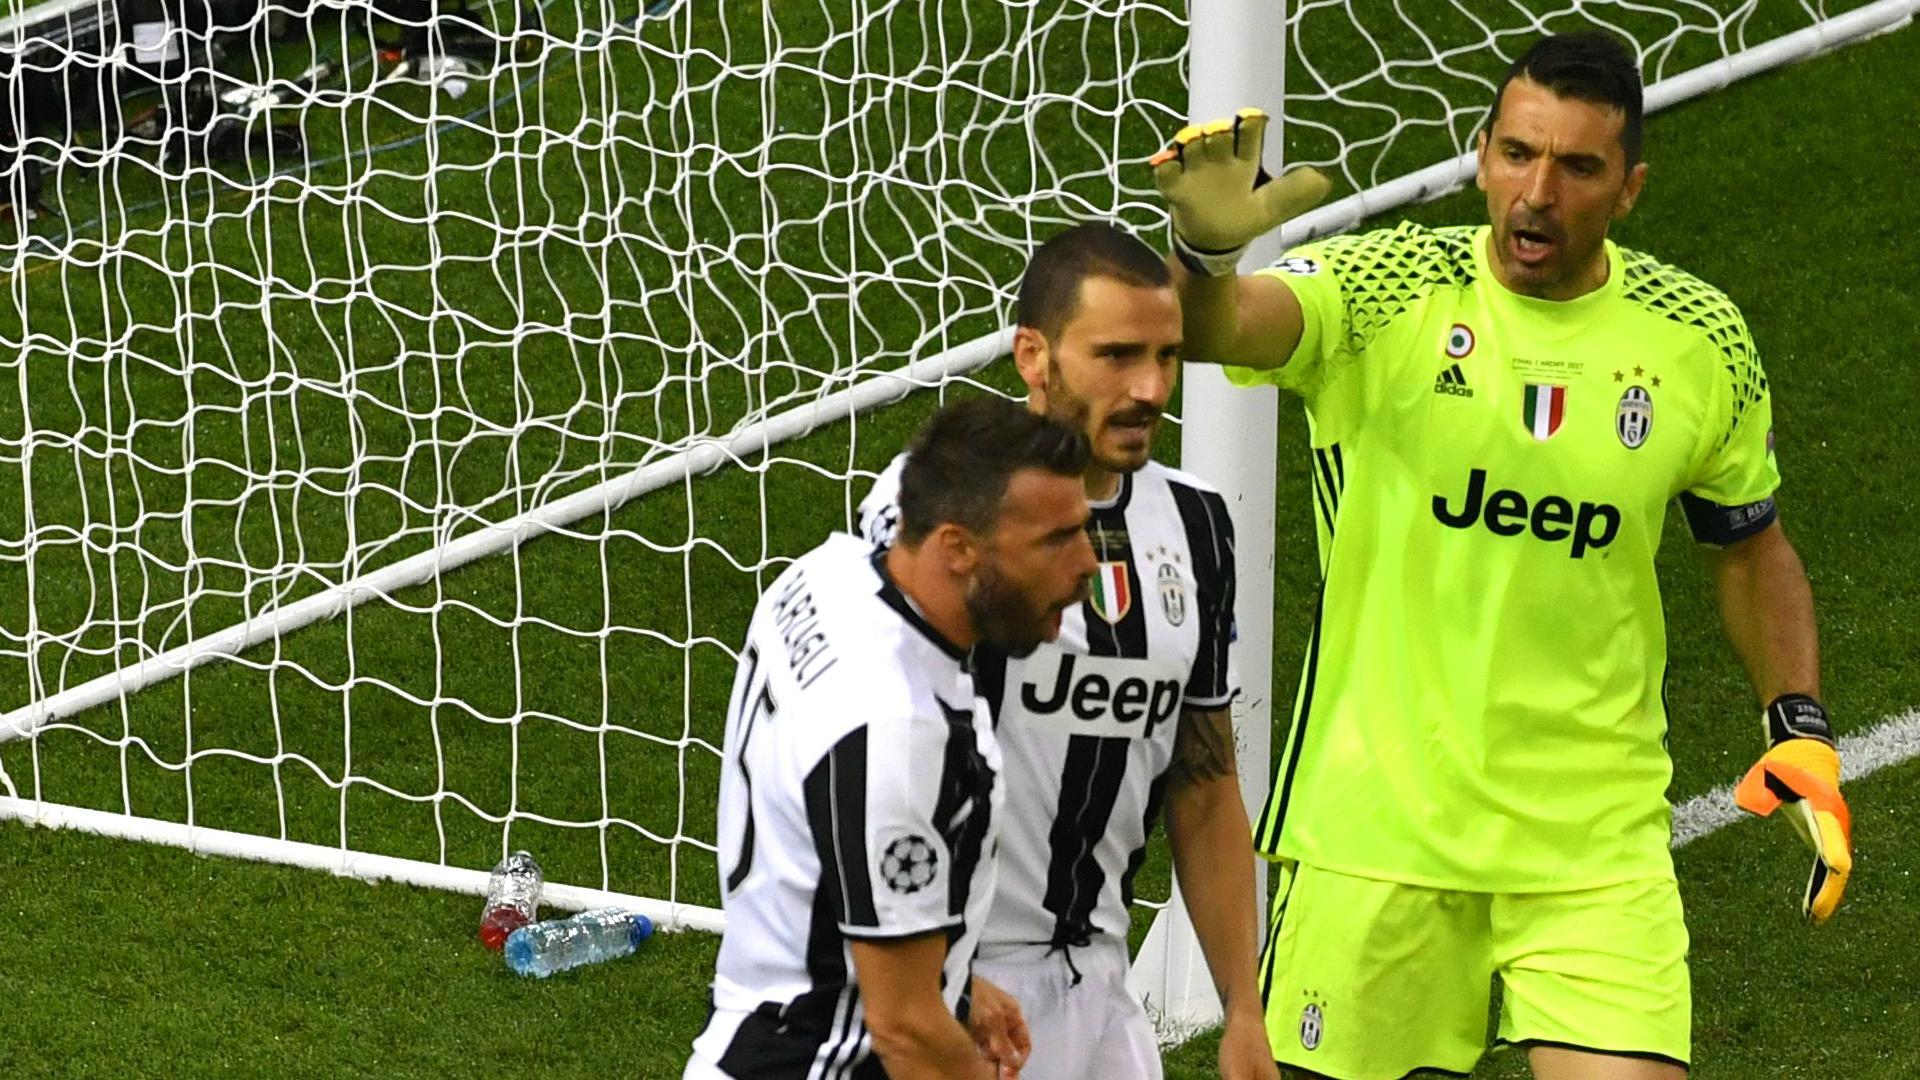 Juventus, emergono retroscena: tensione nello spogliatoio durante la finale di Cardiff